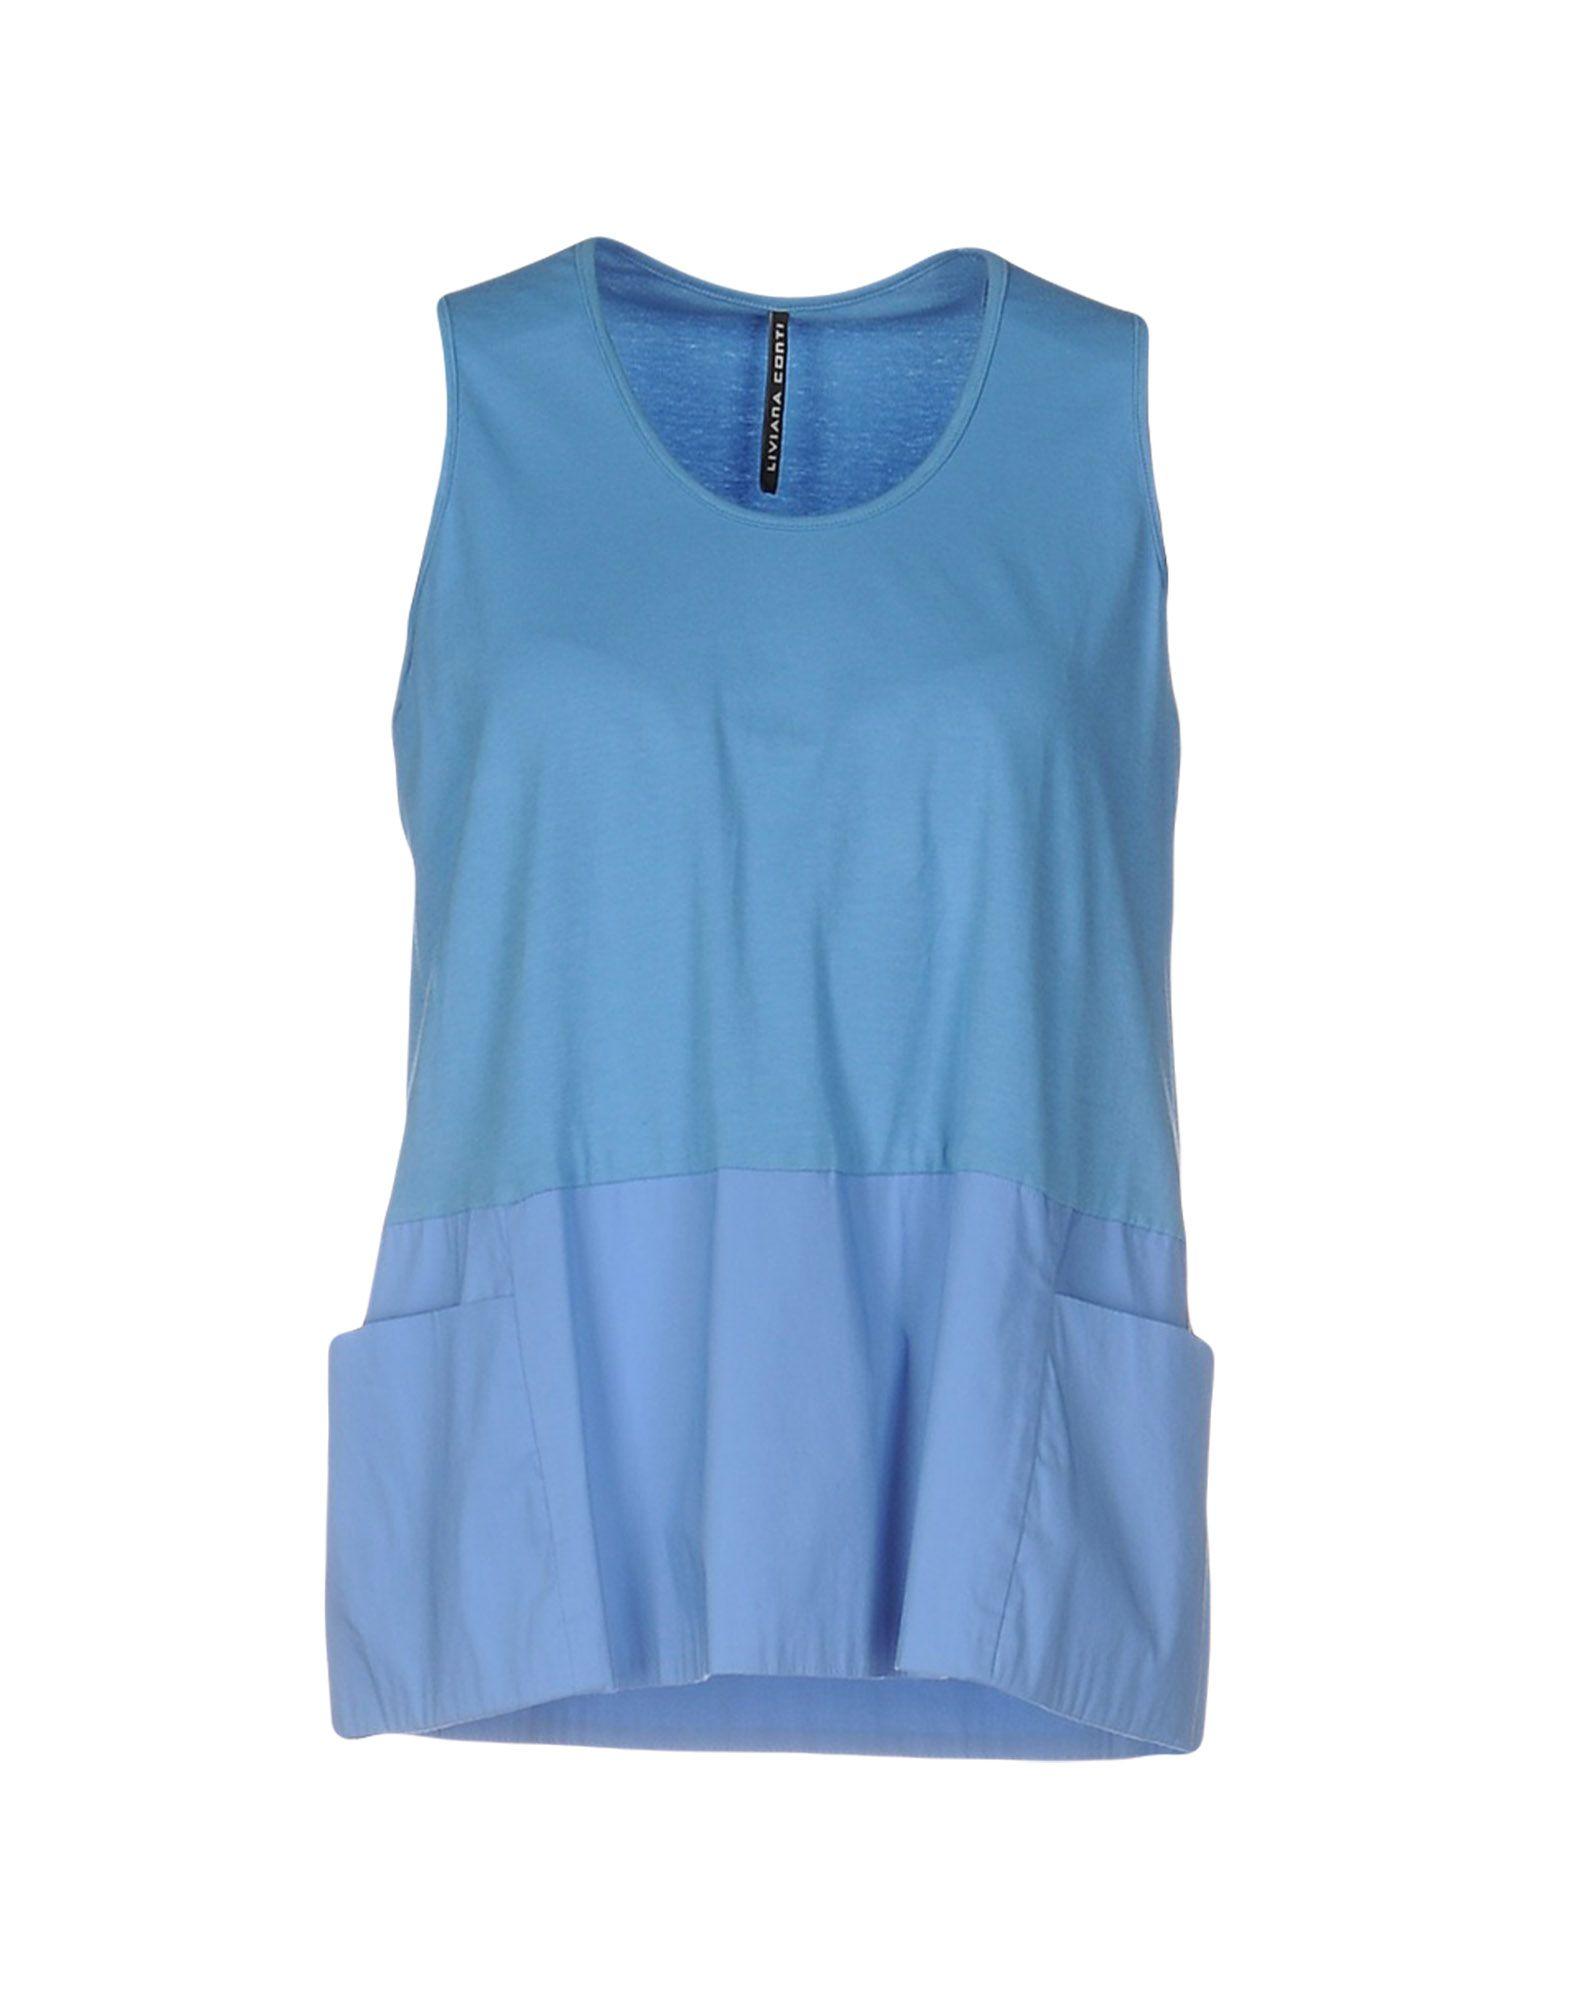 T-Shirt Liviana Conti Donna - Acquista online su zG7GY